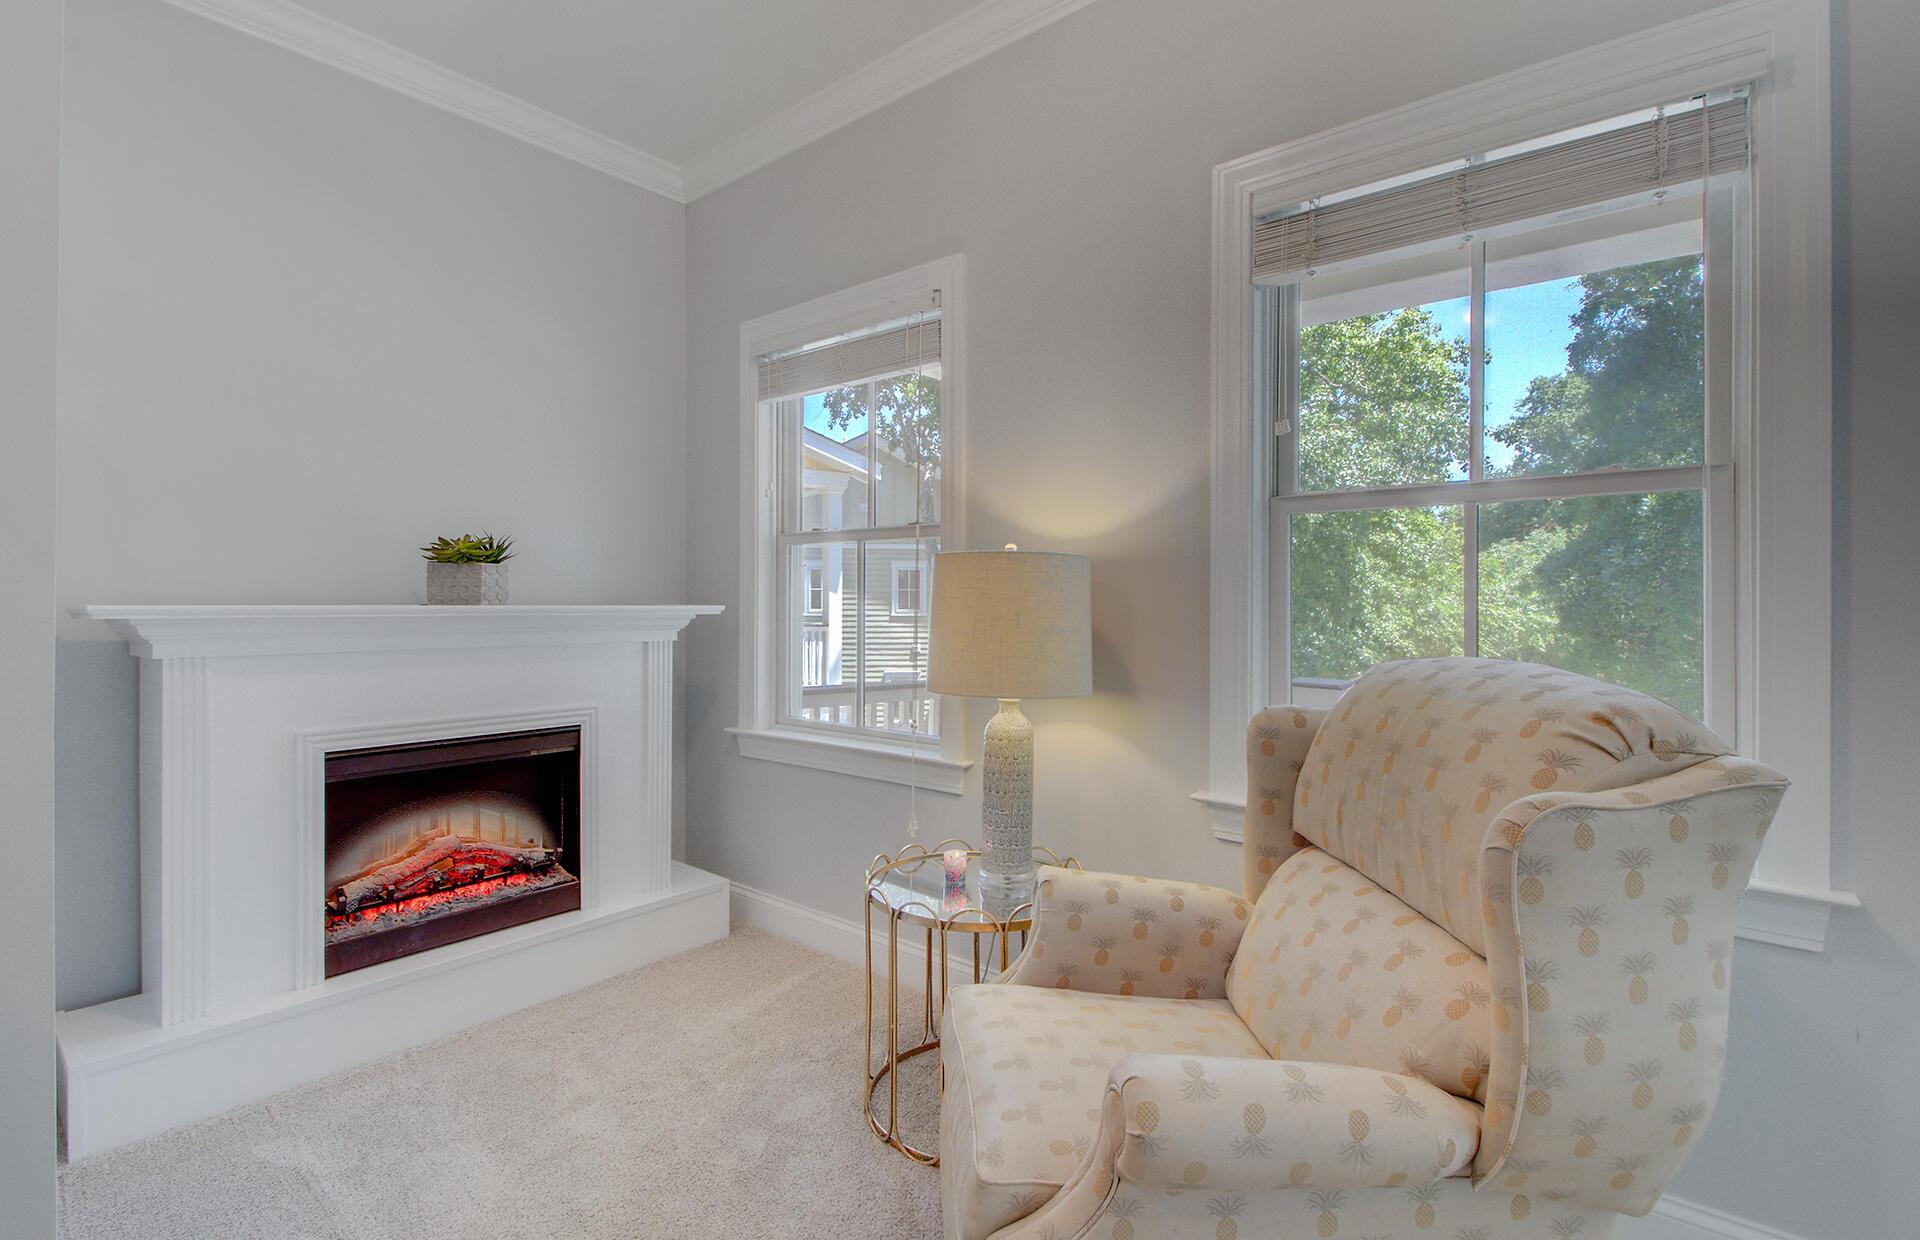 Phillips Park Homes For Sale - 1129 Phillips Park, Mount Pleasant, SC - 30